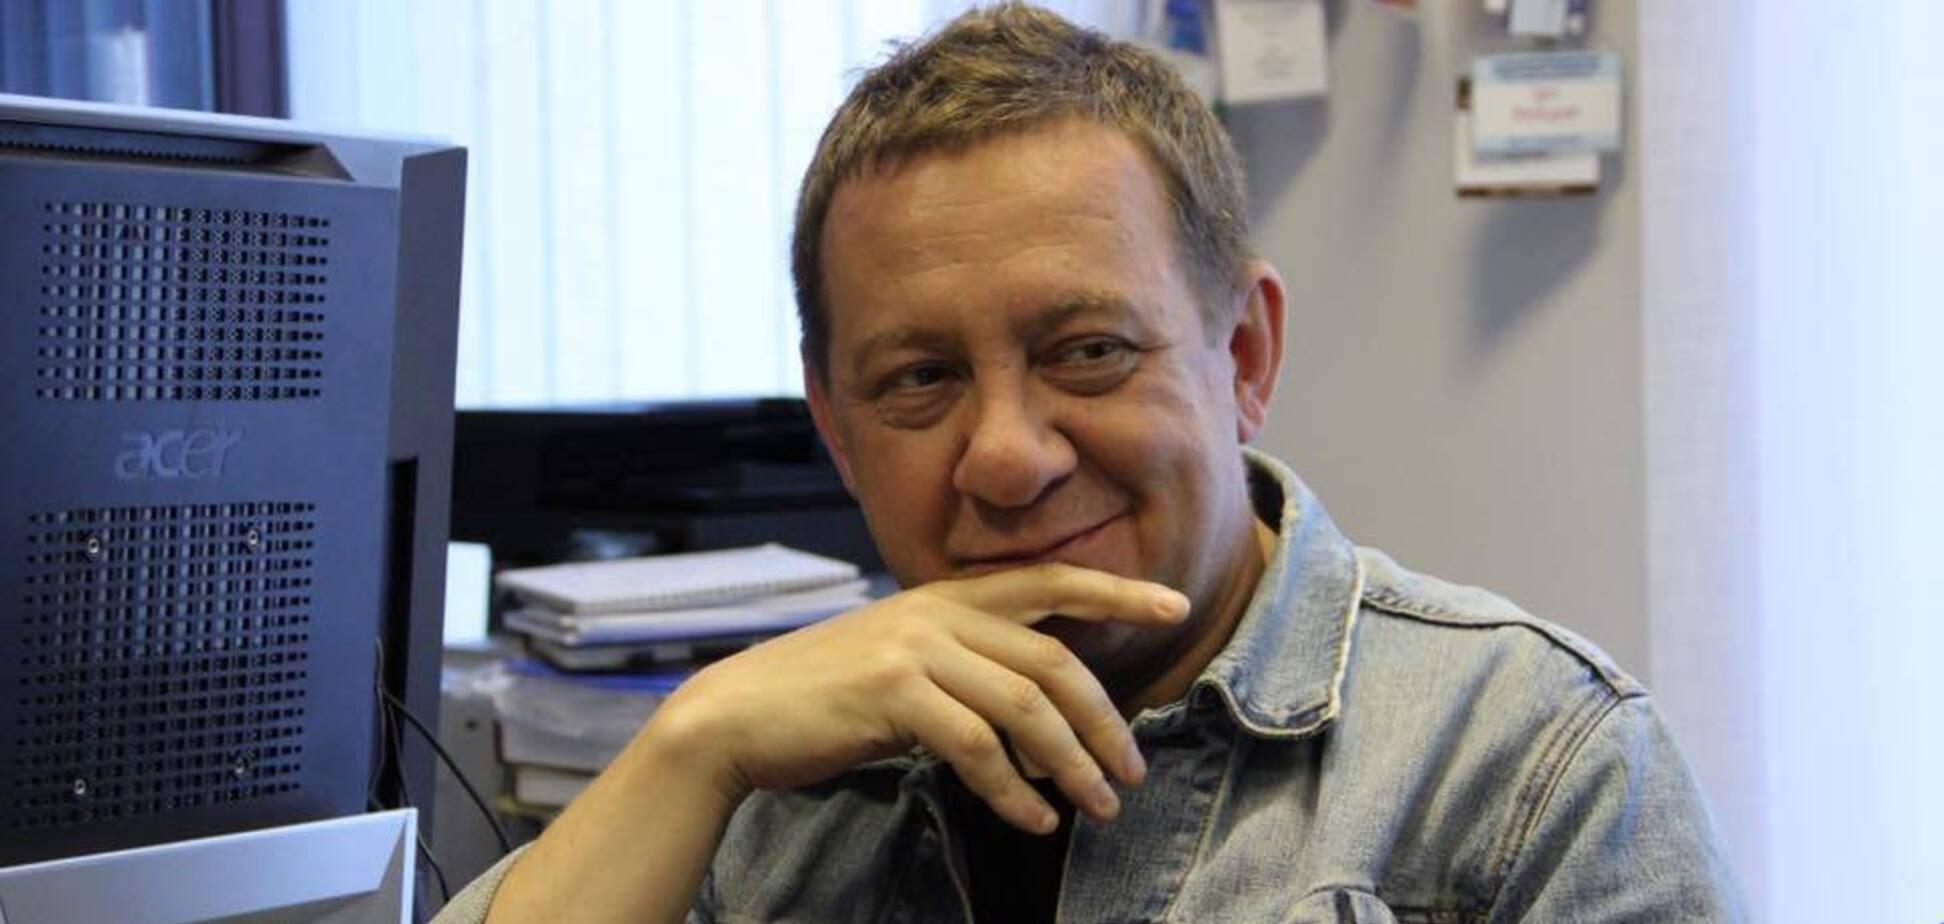 Муждабаева обвинили в государственной измене: появились новые подробности